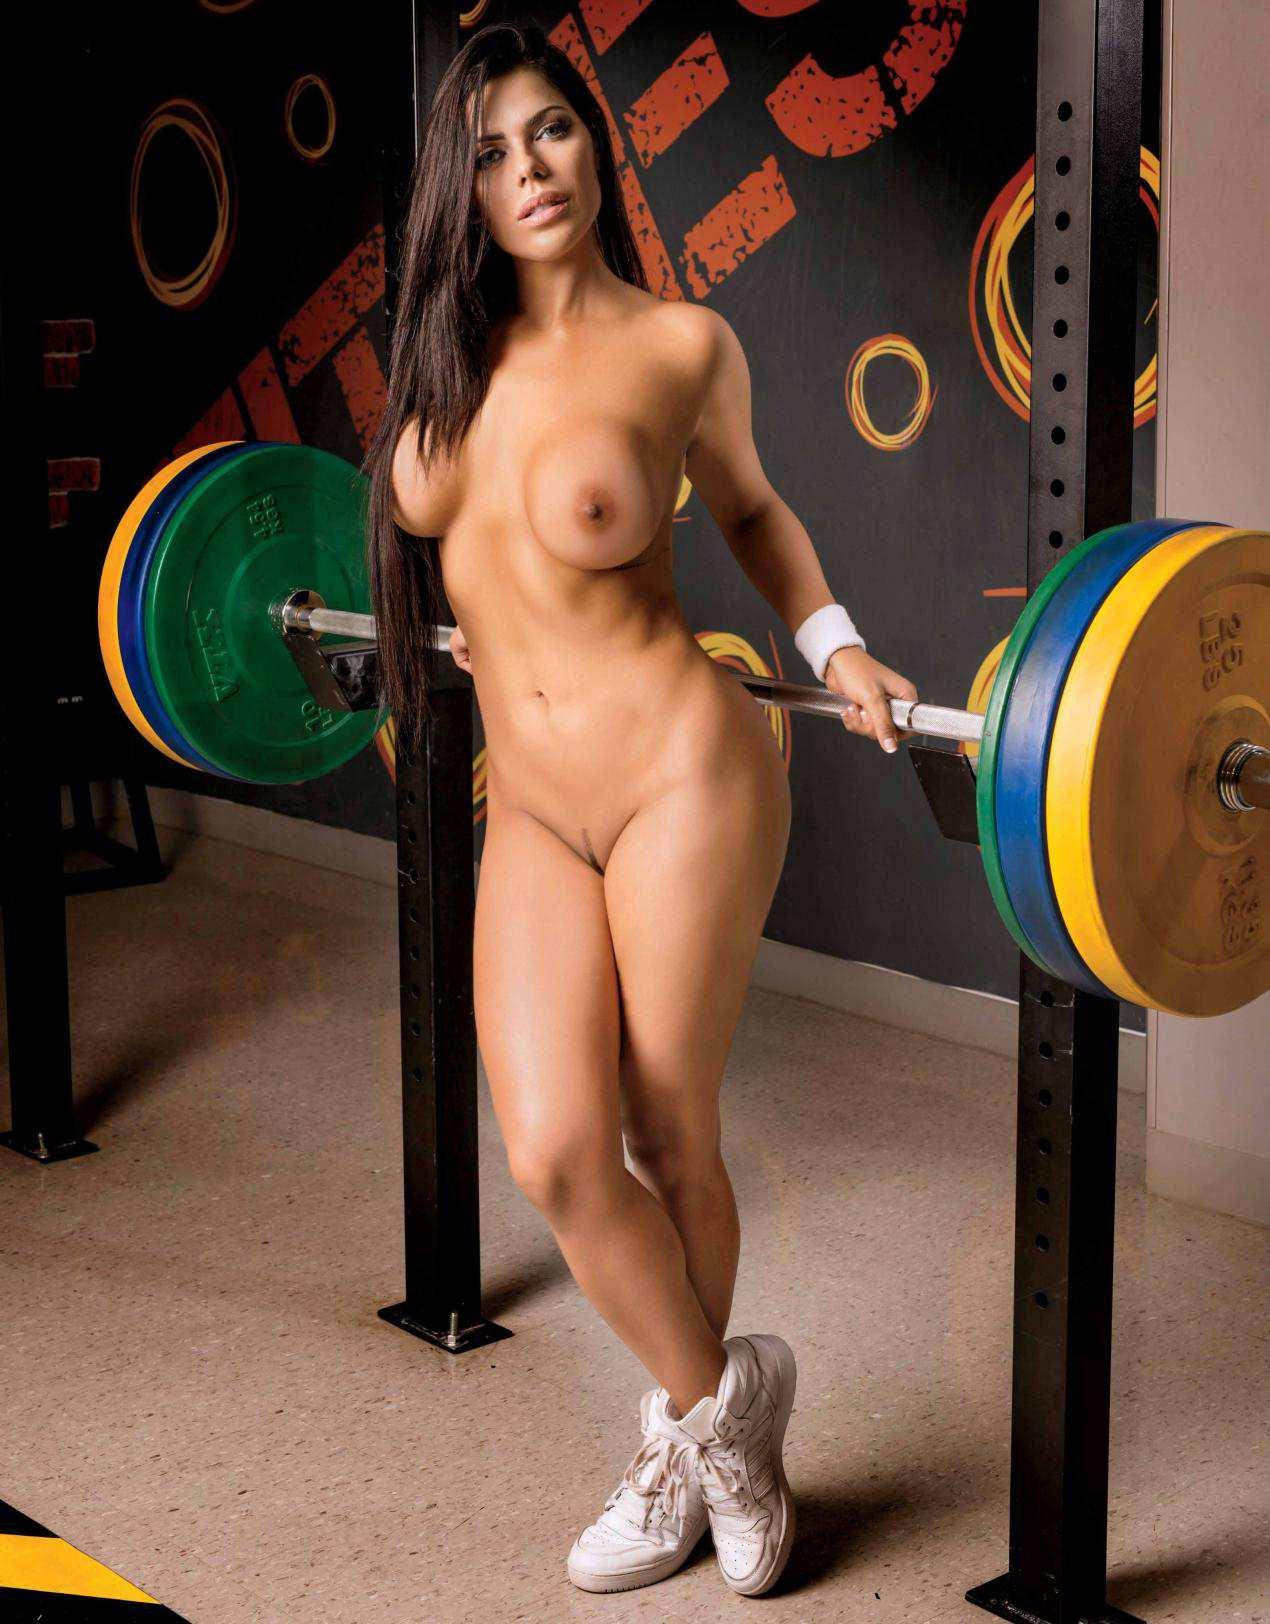 Fotos Playboy Suzy Cortez Agosto (10)